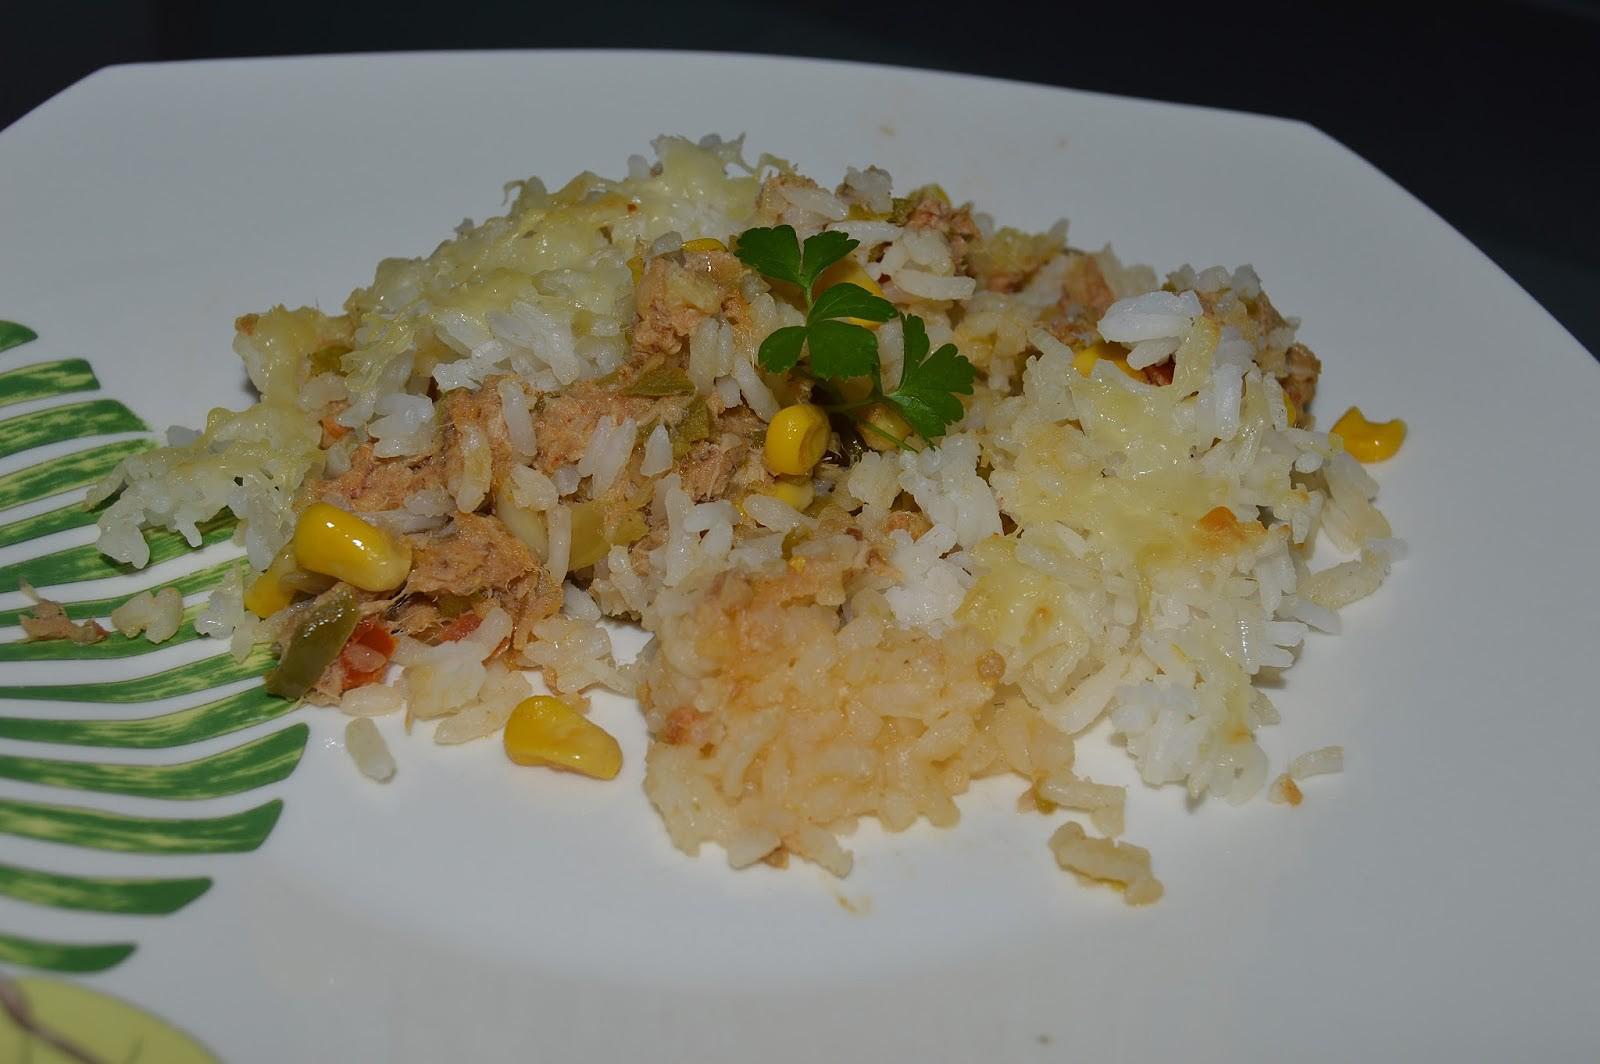 empadao-de-atum-com-arroz-na-bimby-dicas-receitas-simples.JPG